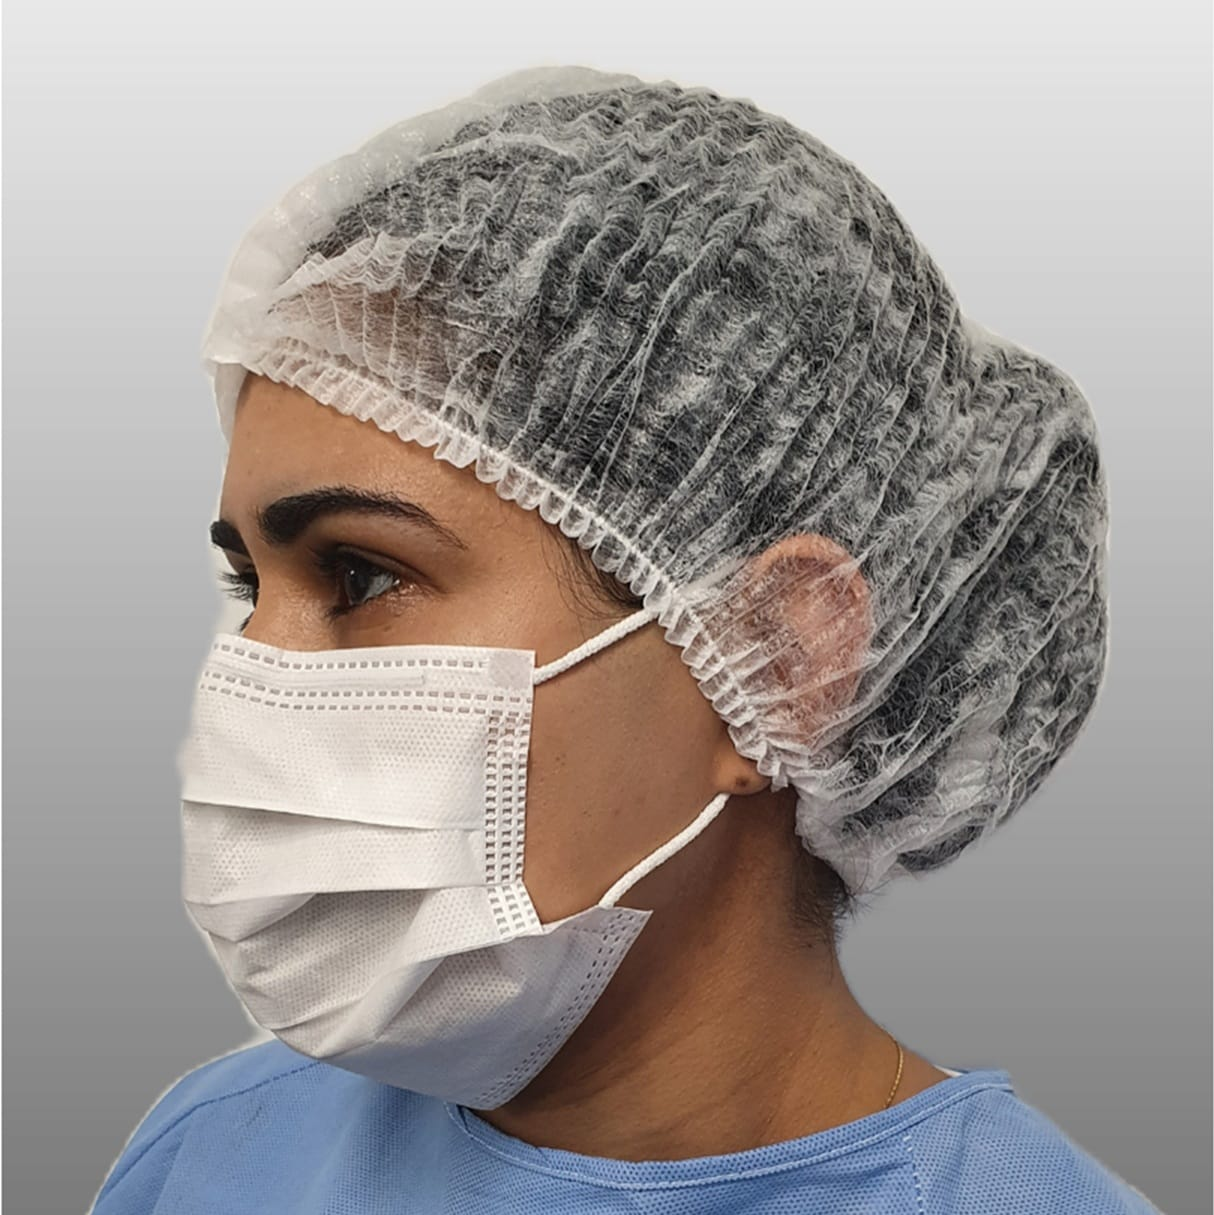 Máscara cirúrgica em pp com elástico três dobras